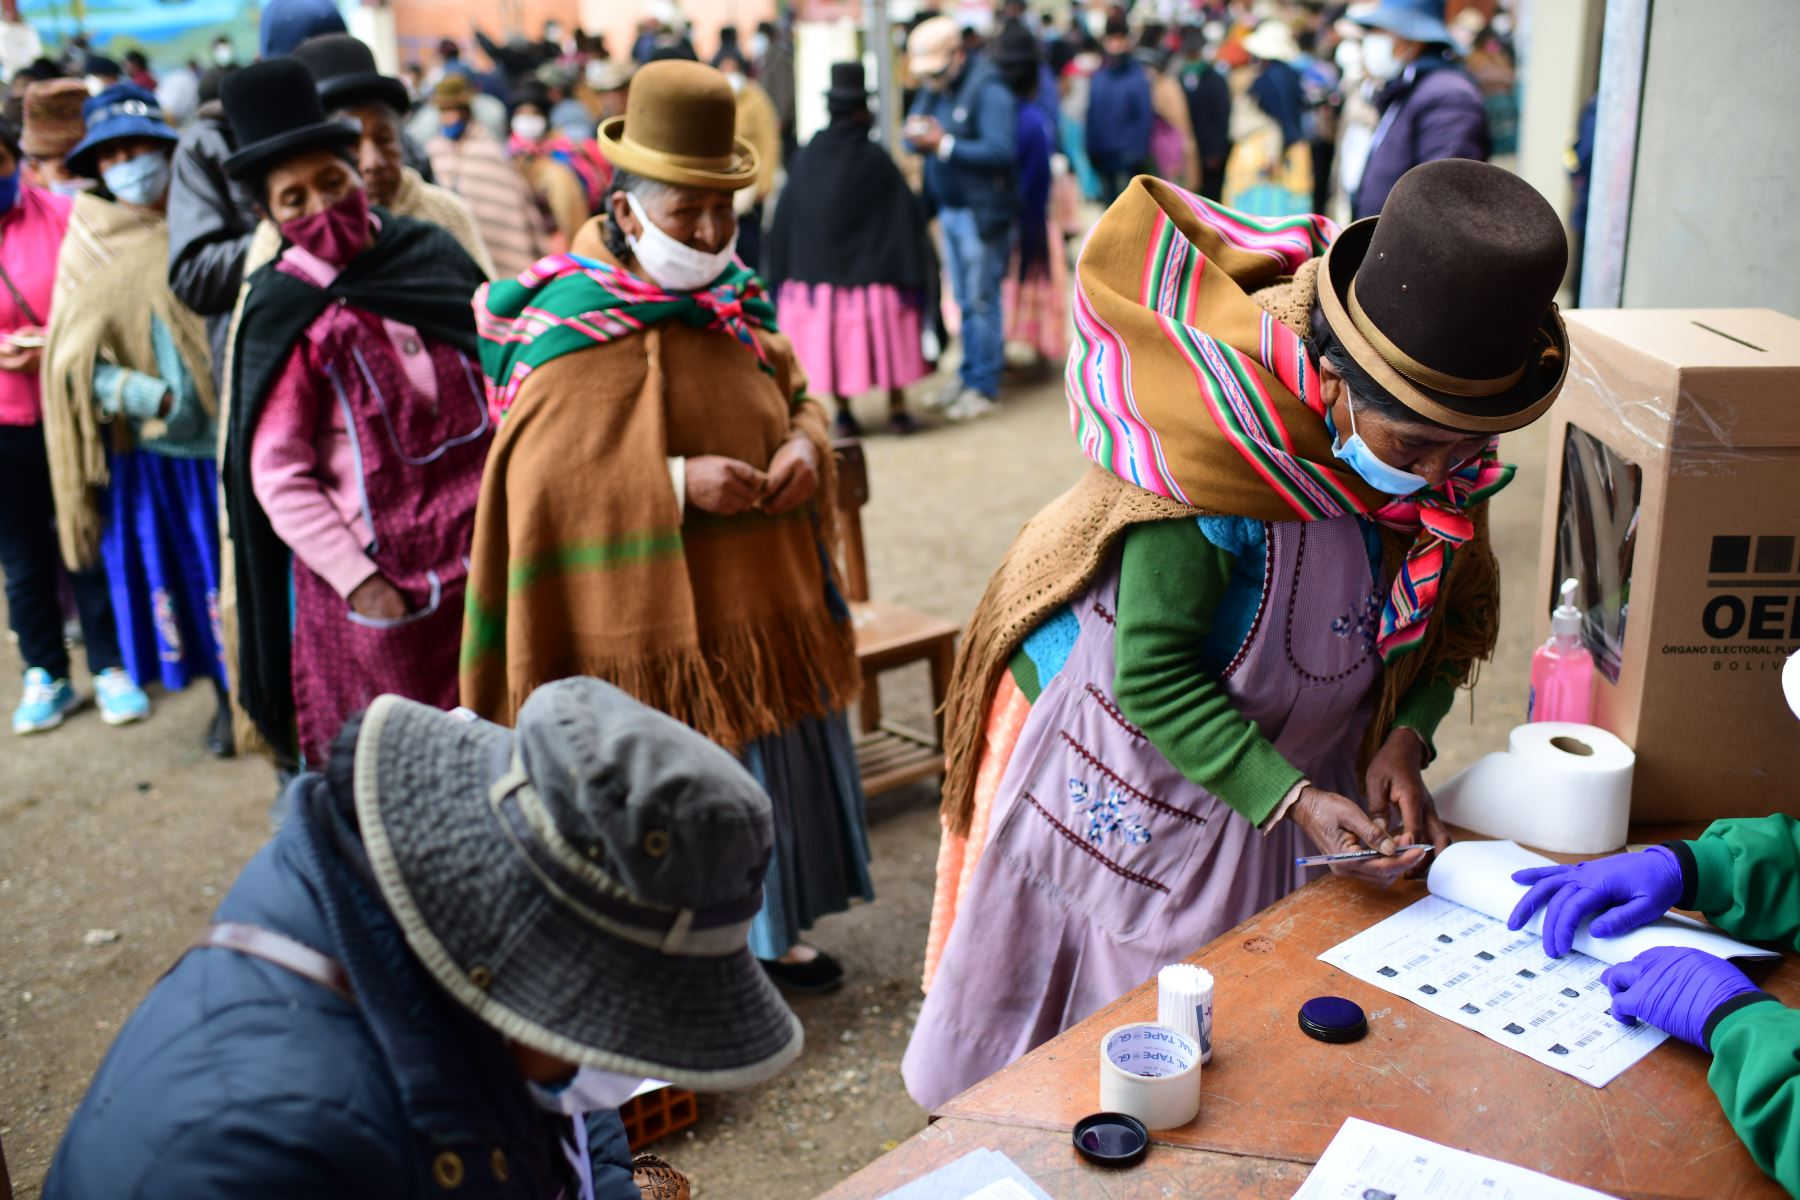 Una mujer indígena firma después de emitir su voto en un colegio electoral en Huarina, Bolivia, durante las elecciones generales que se desarrollan en medio de la pandemia por coronavirus. Foto: AFP